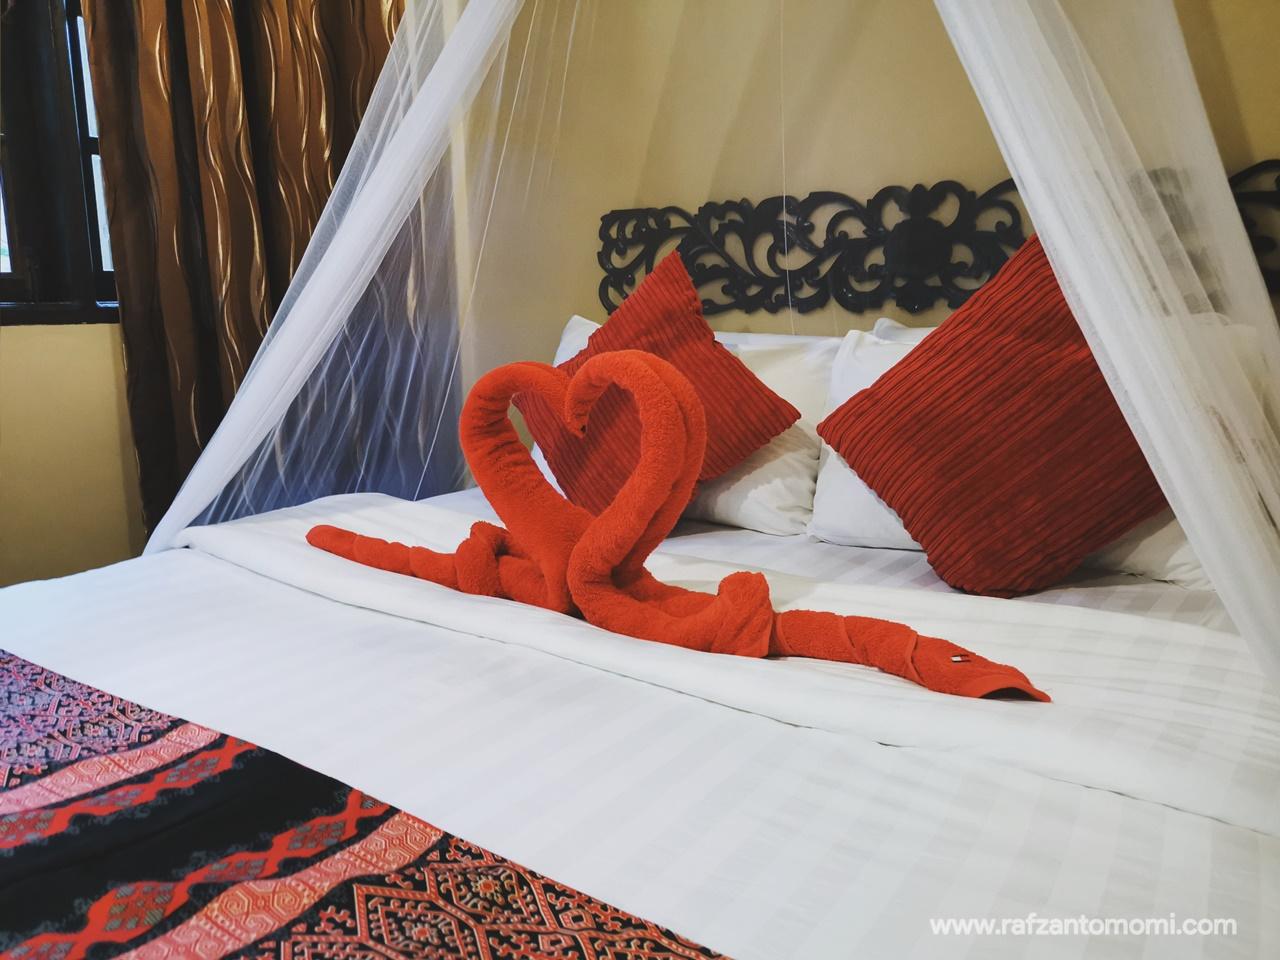 Ombak Dive Resort, Pulau Perhentian